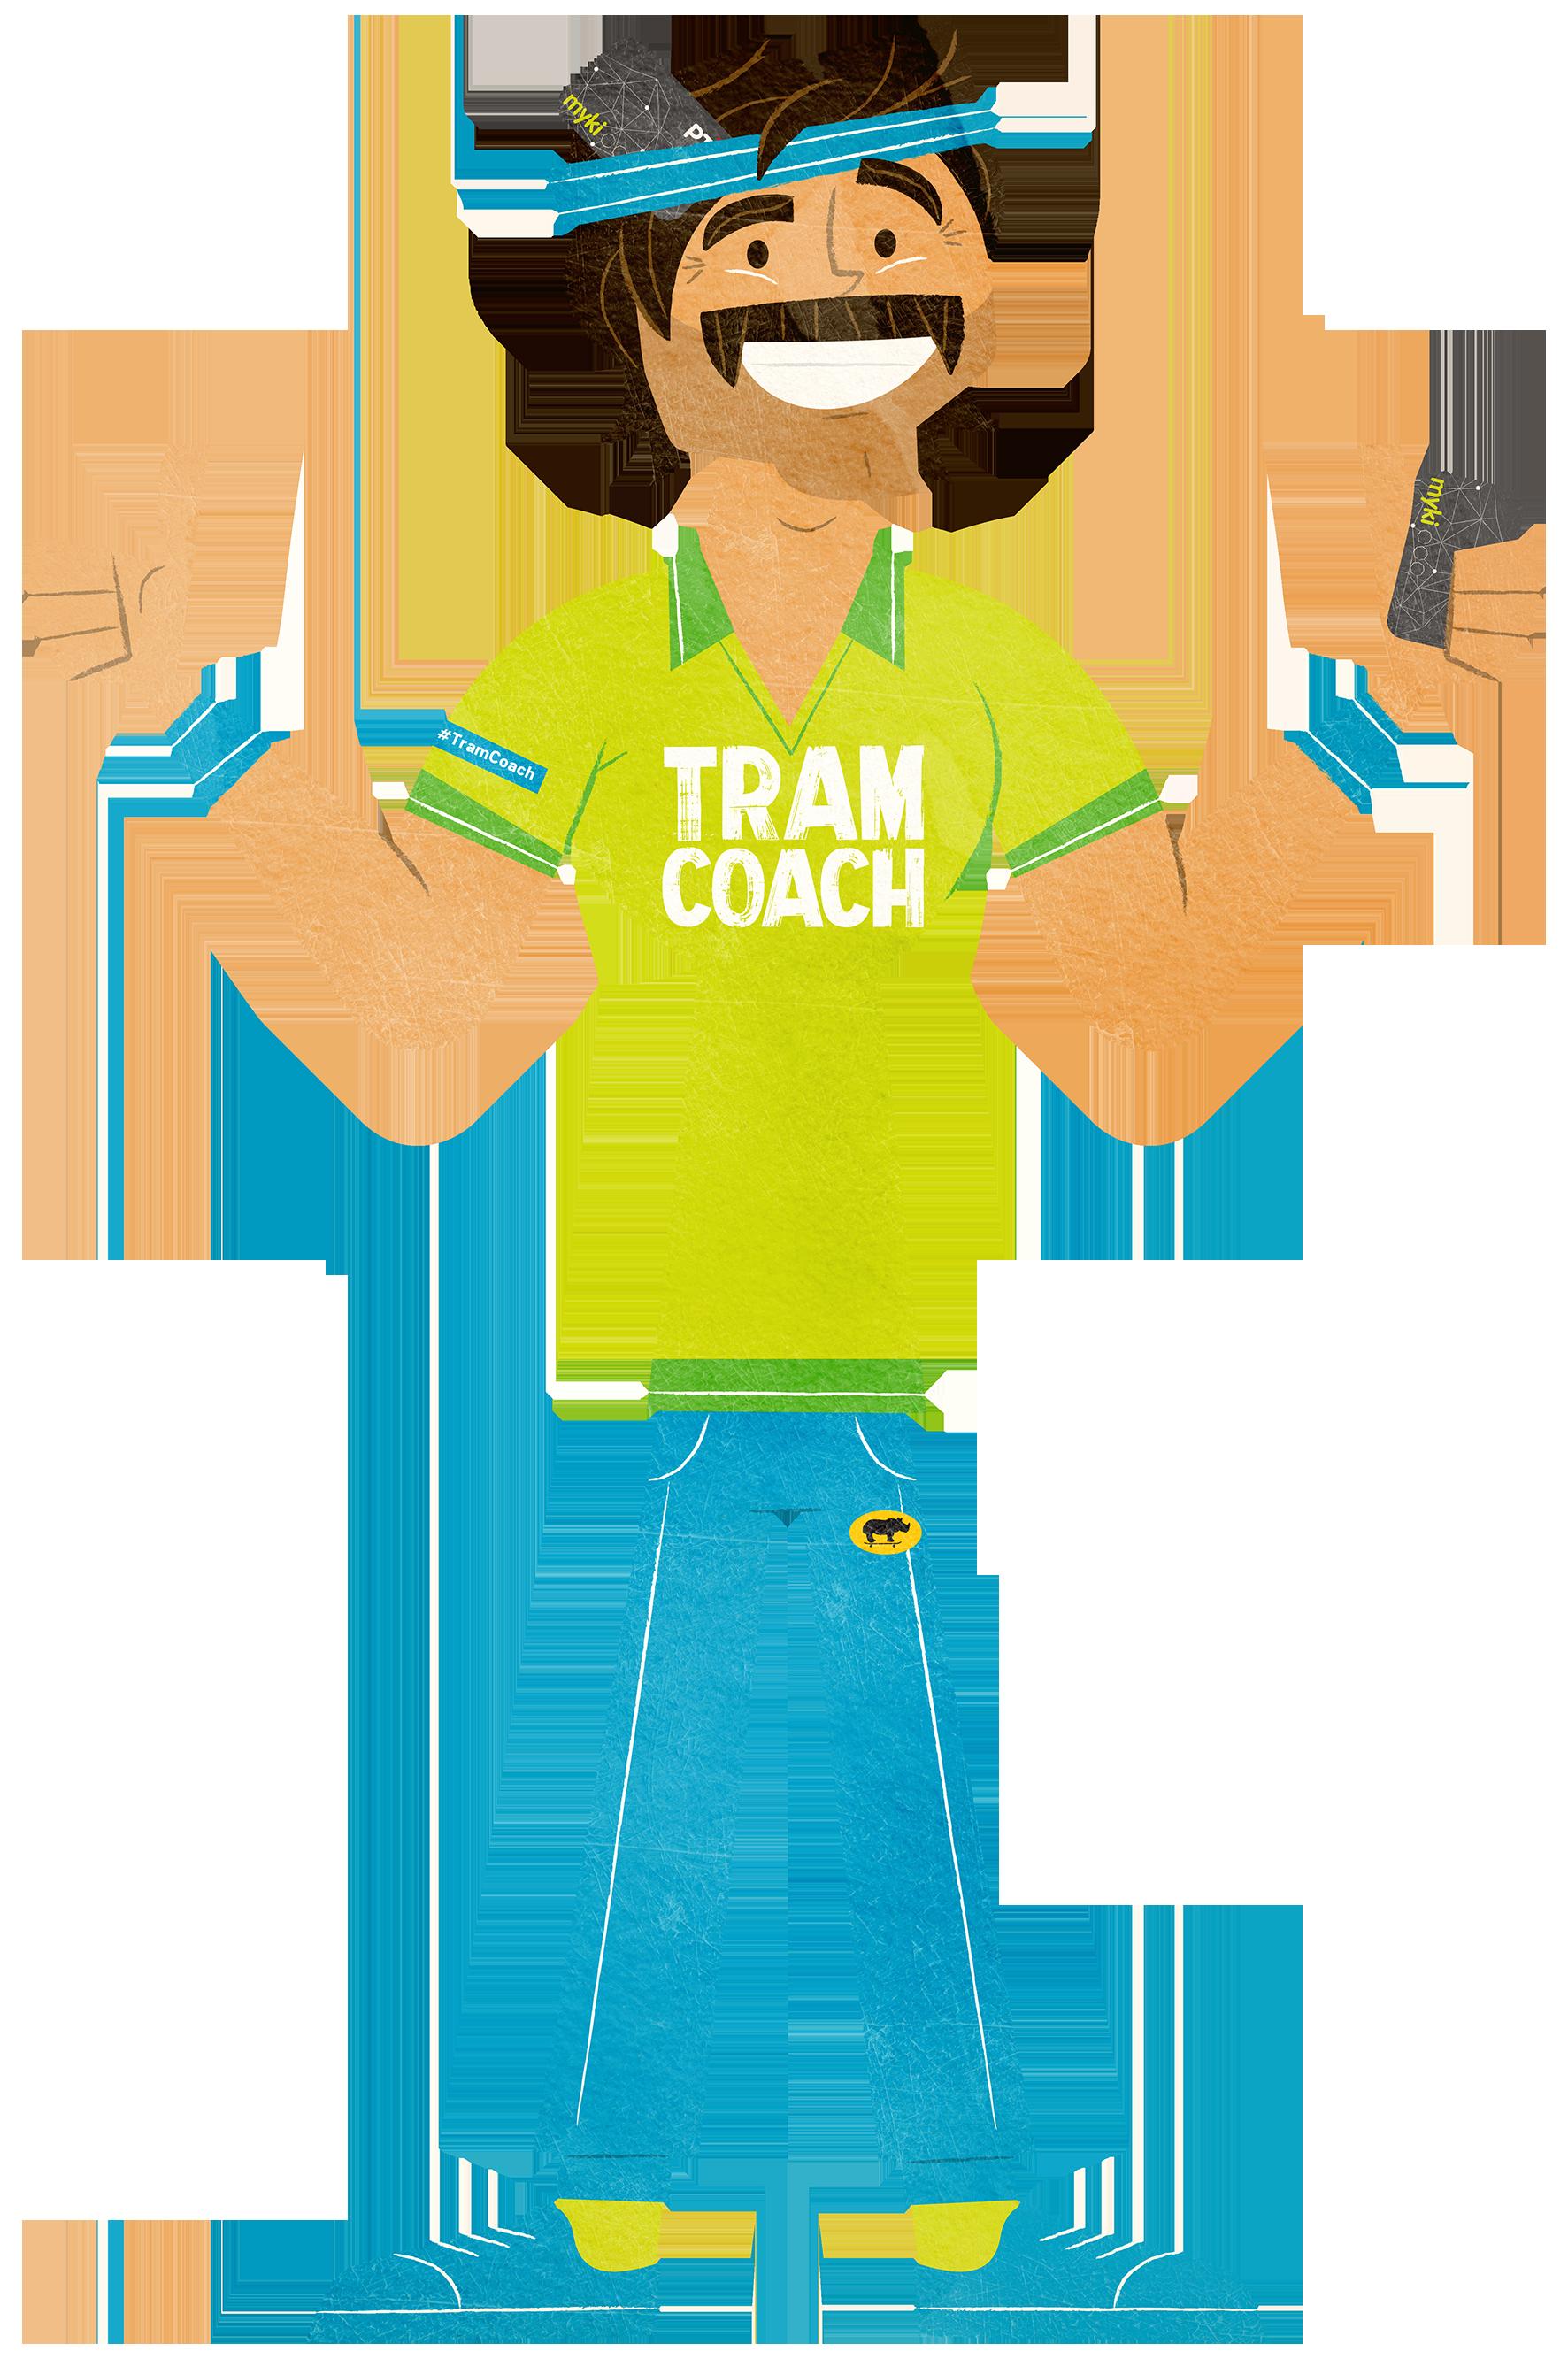 Tramcoach